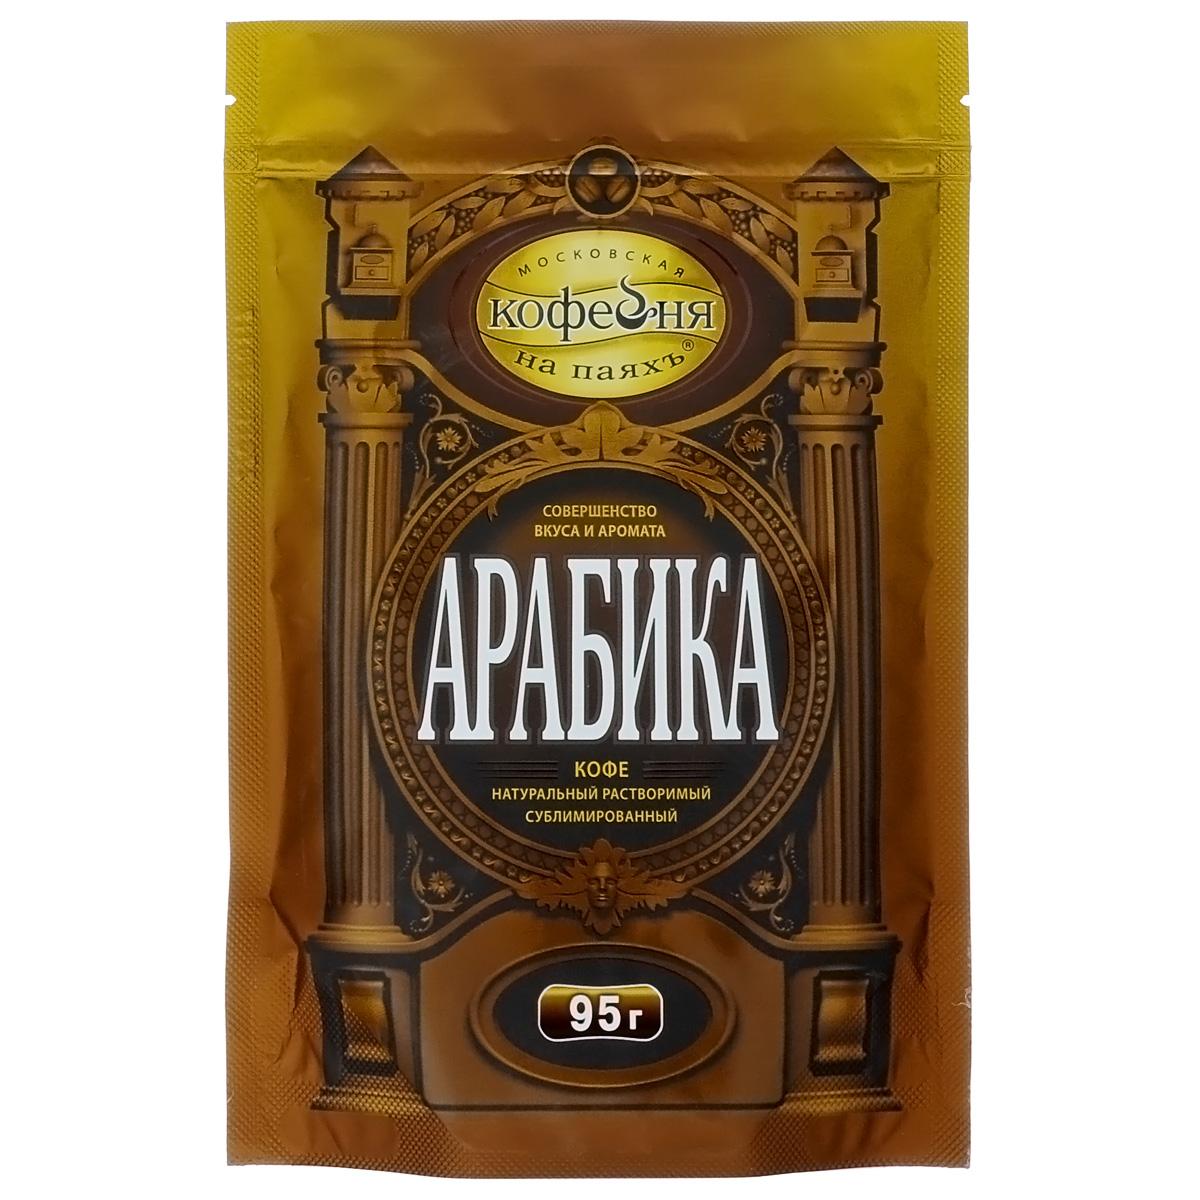 купить Московская кофейня на паяхъ Арабика кофе рaстворимый, пакет 95 г недорого